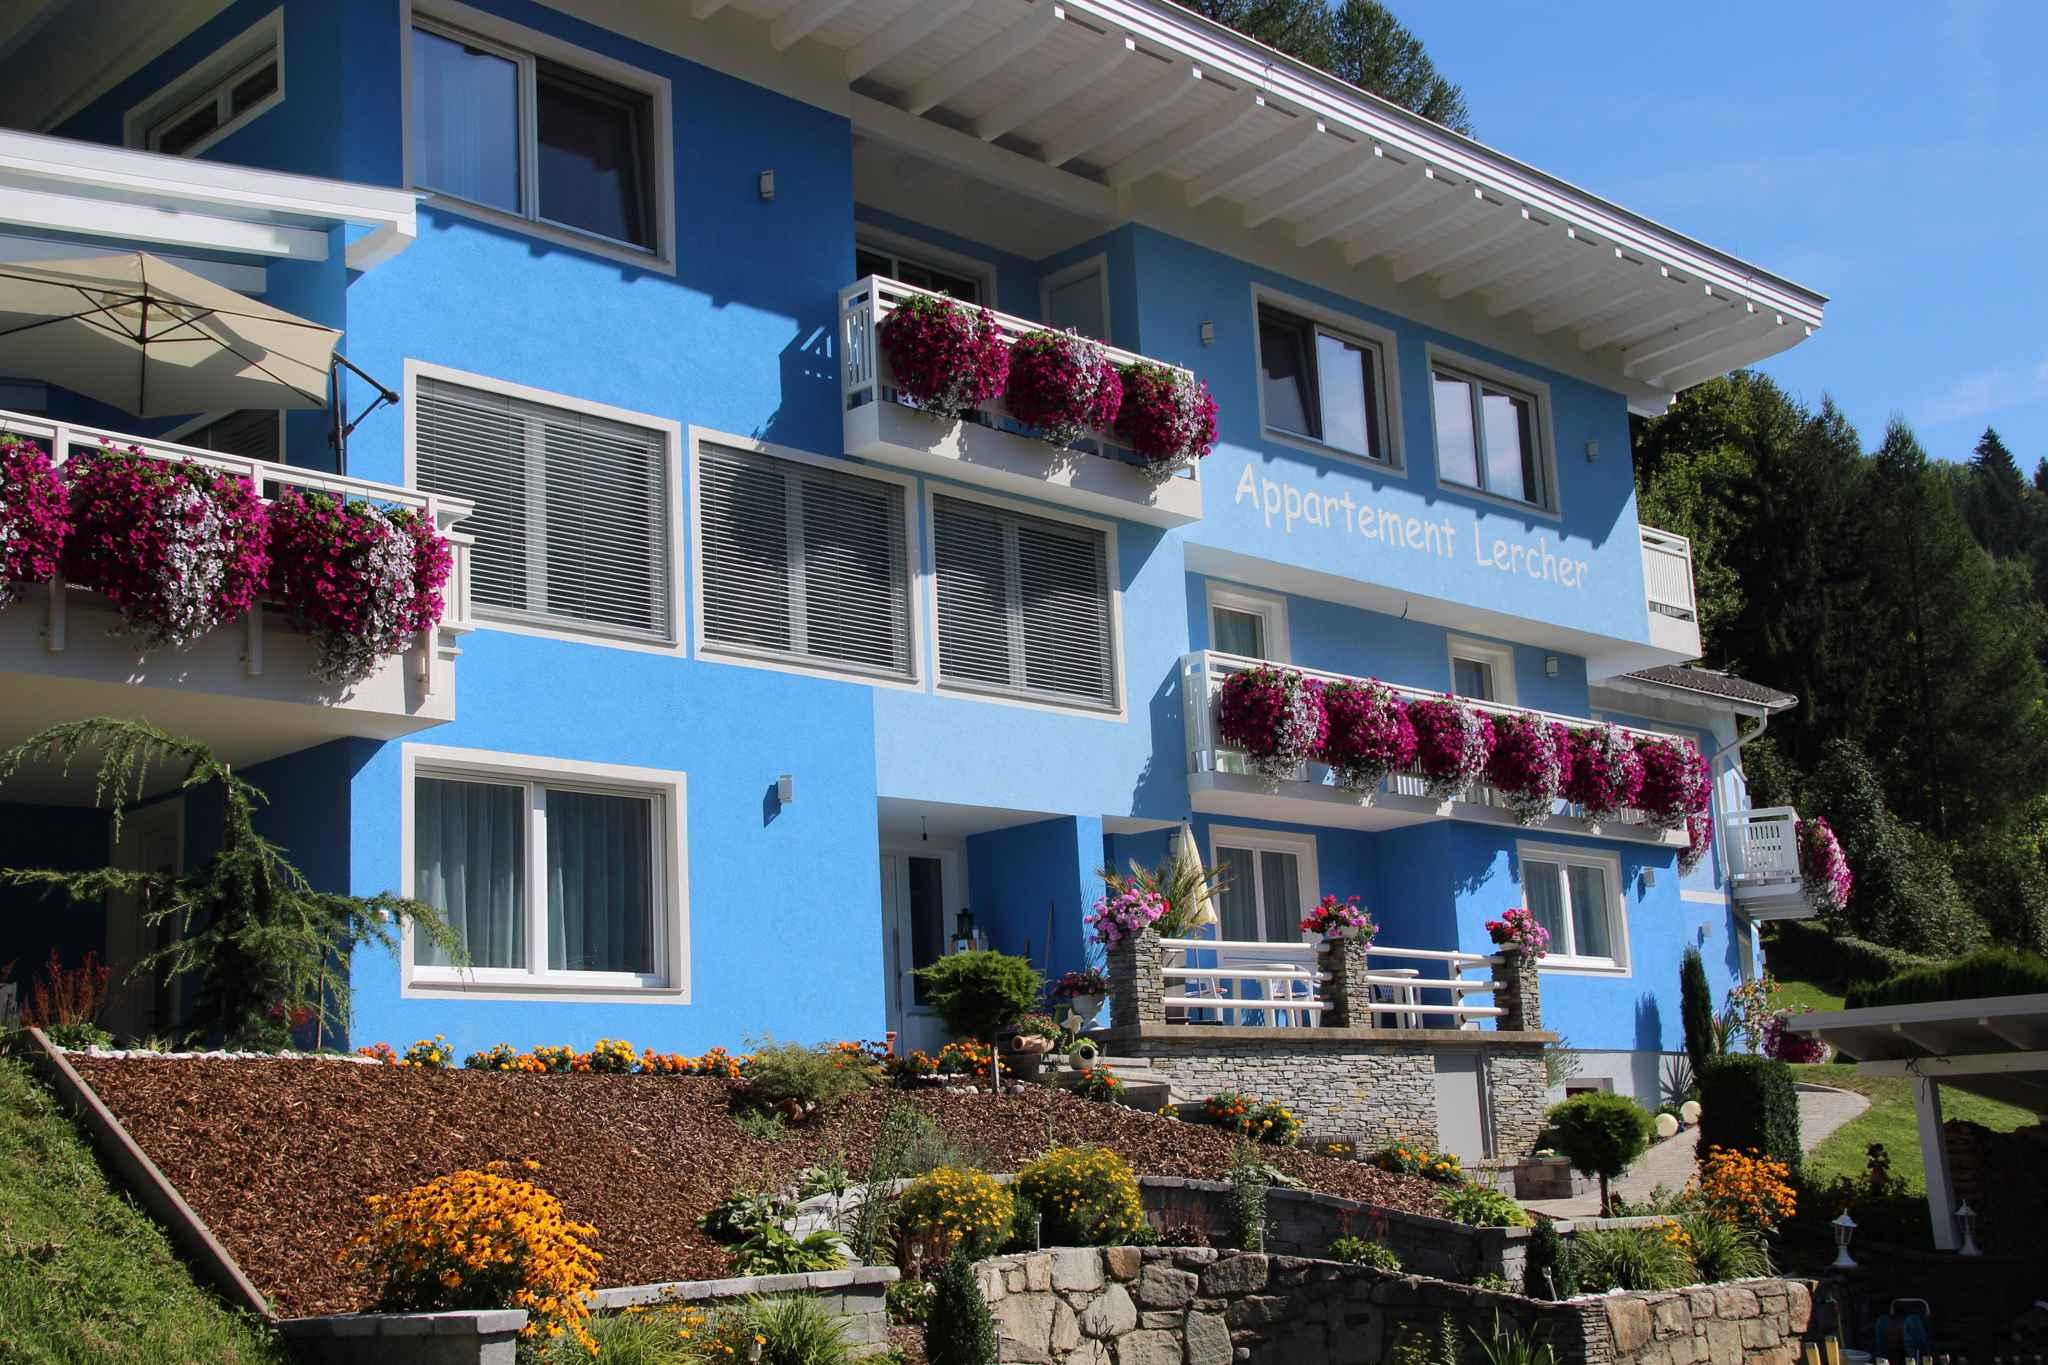 Ferienwohnung in ruhiger und sonniger Hanglage (281291), Flattach, , Kärnten, Österreich, Bild 4